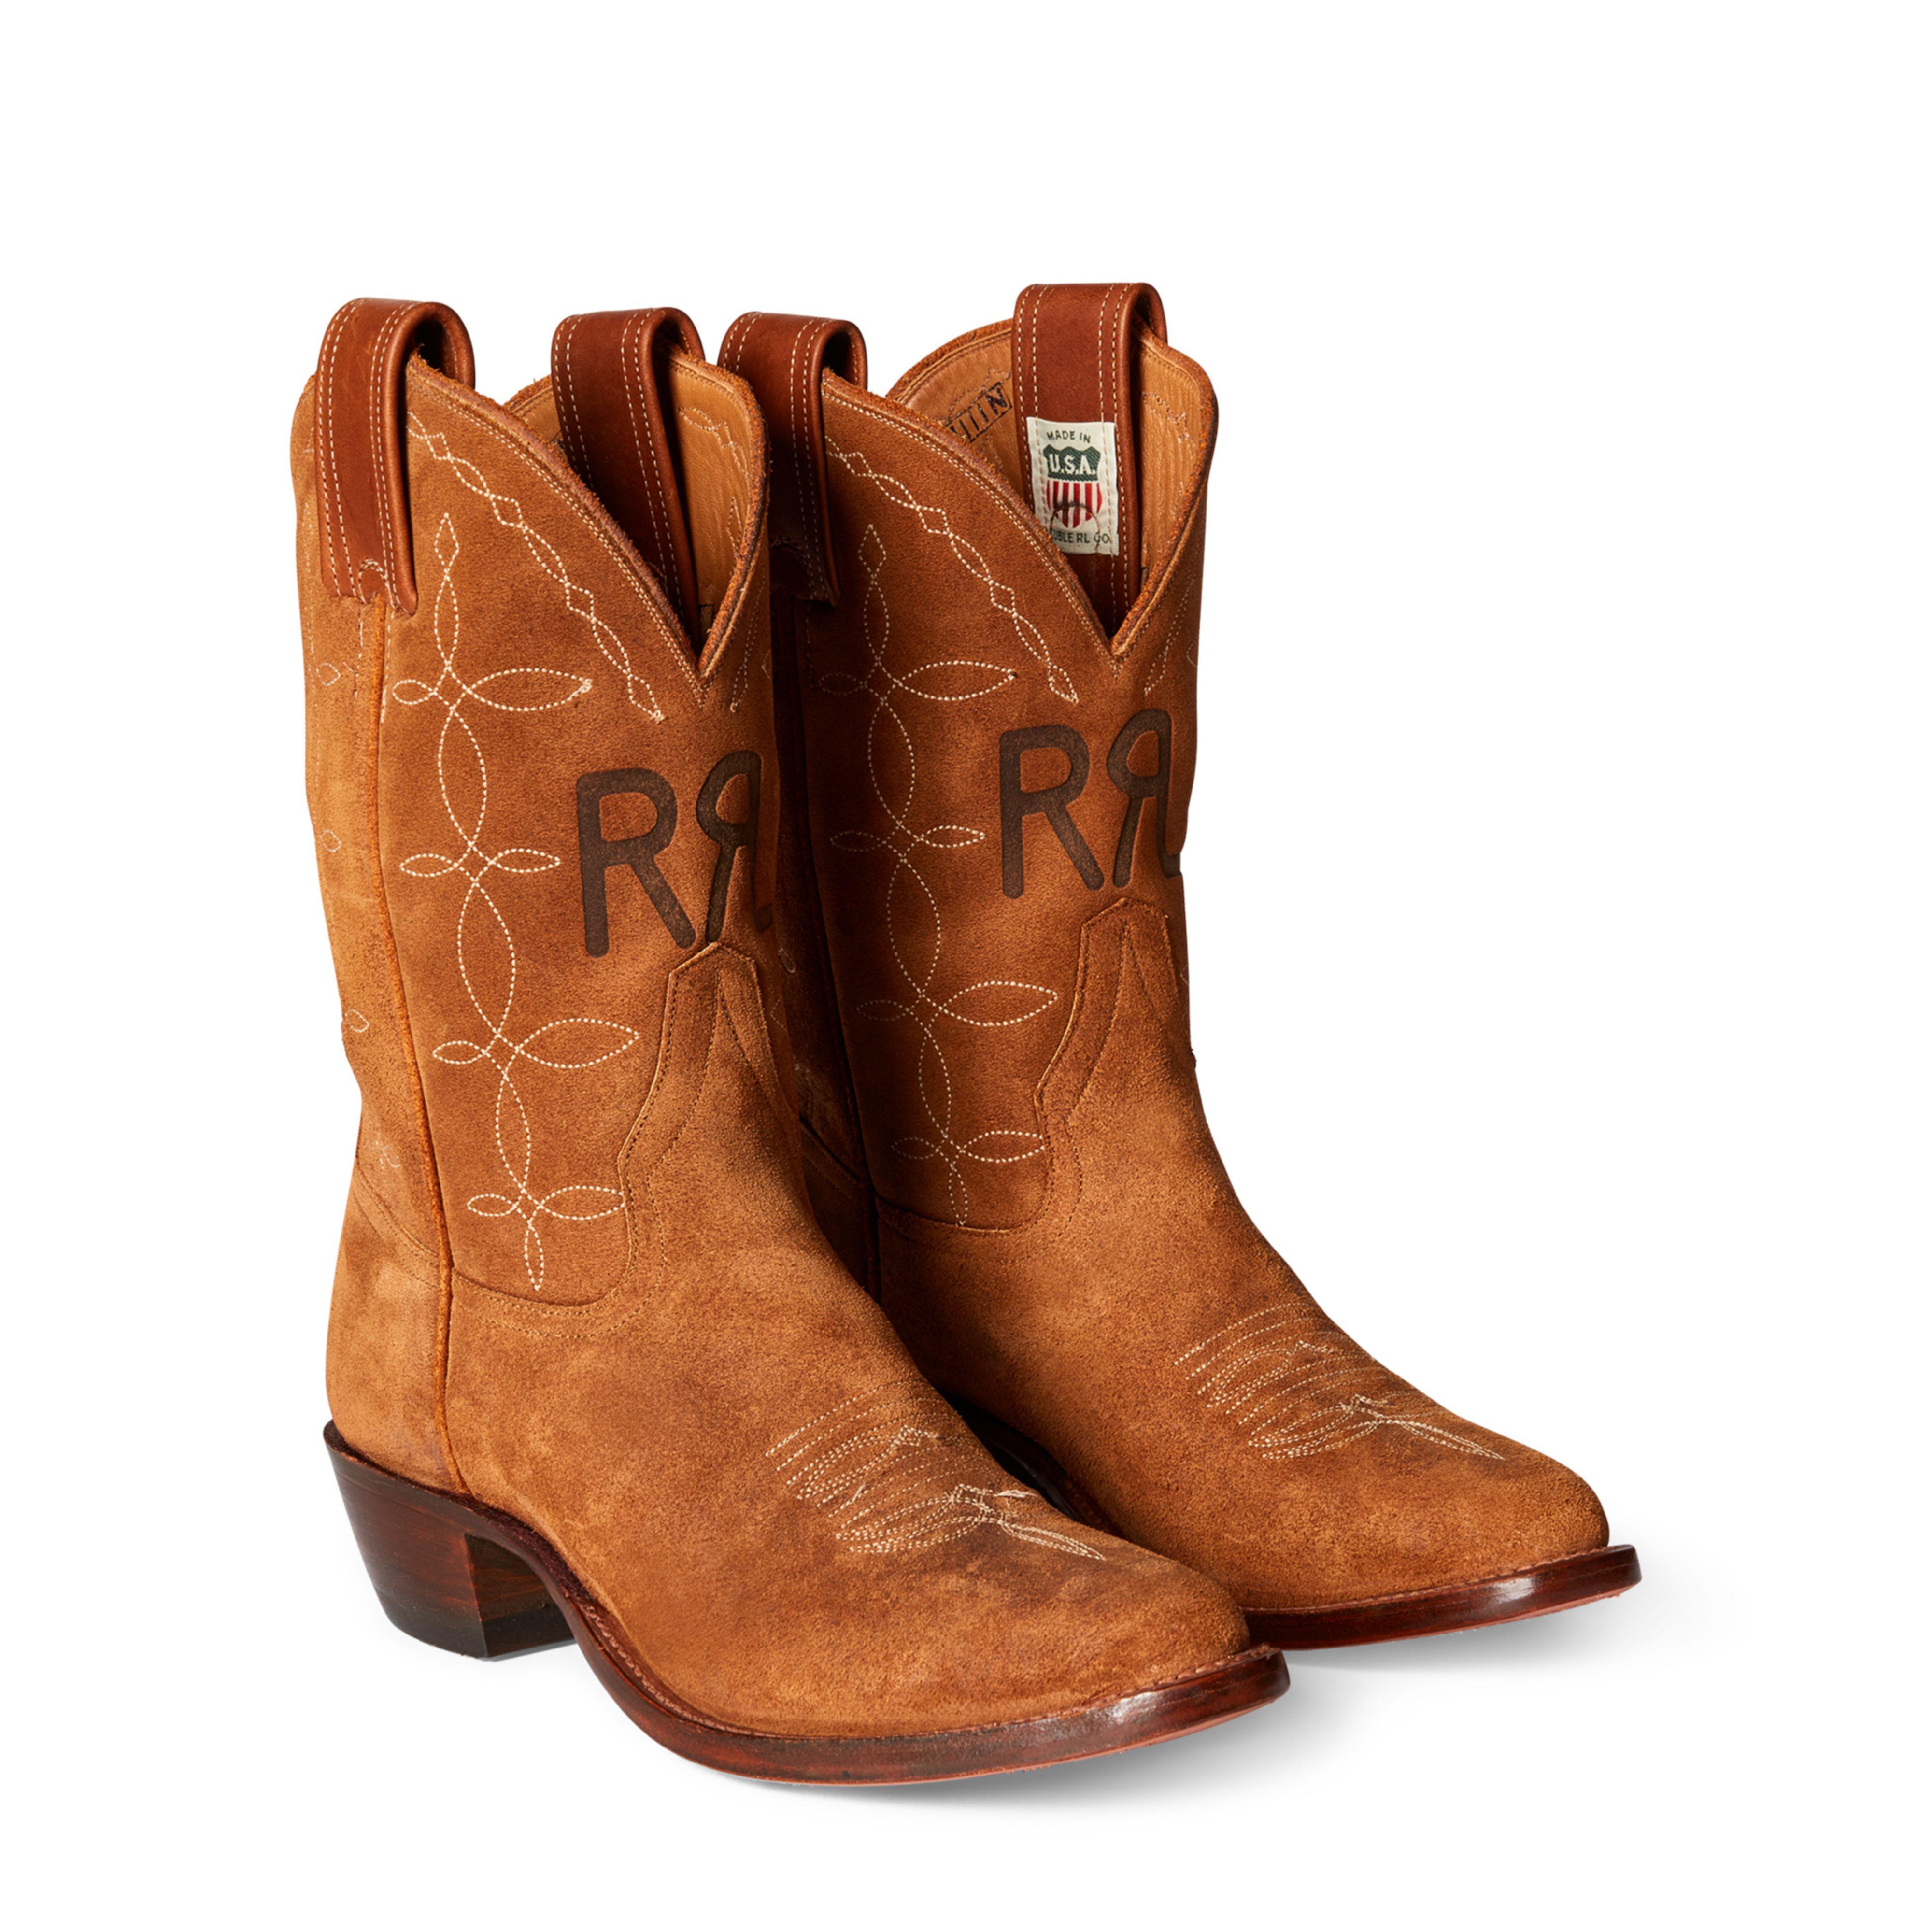 vintage ralph lauren cowboy boots - 50